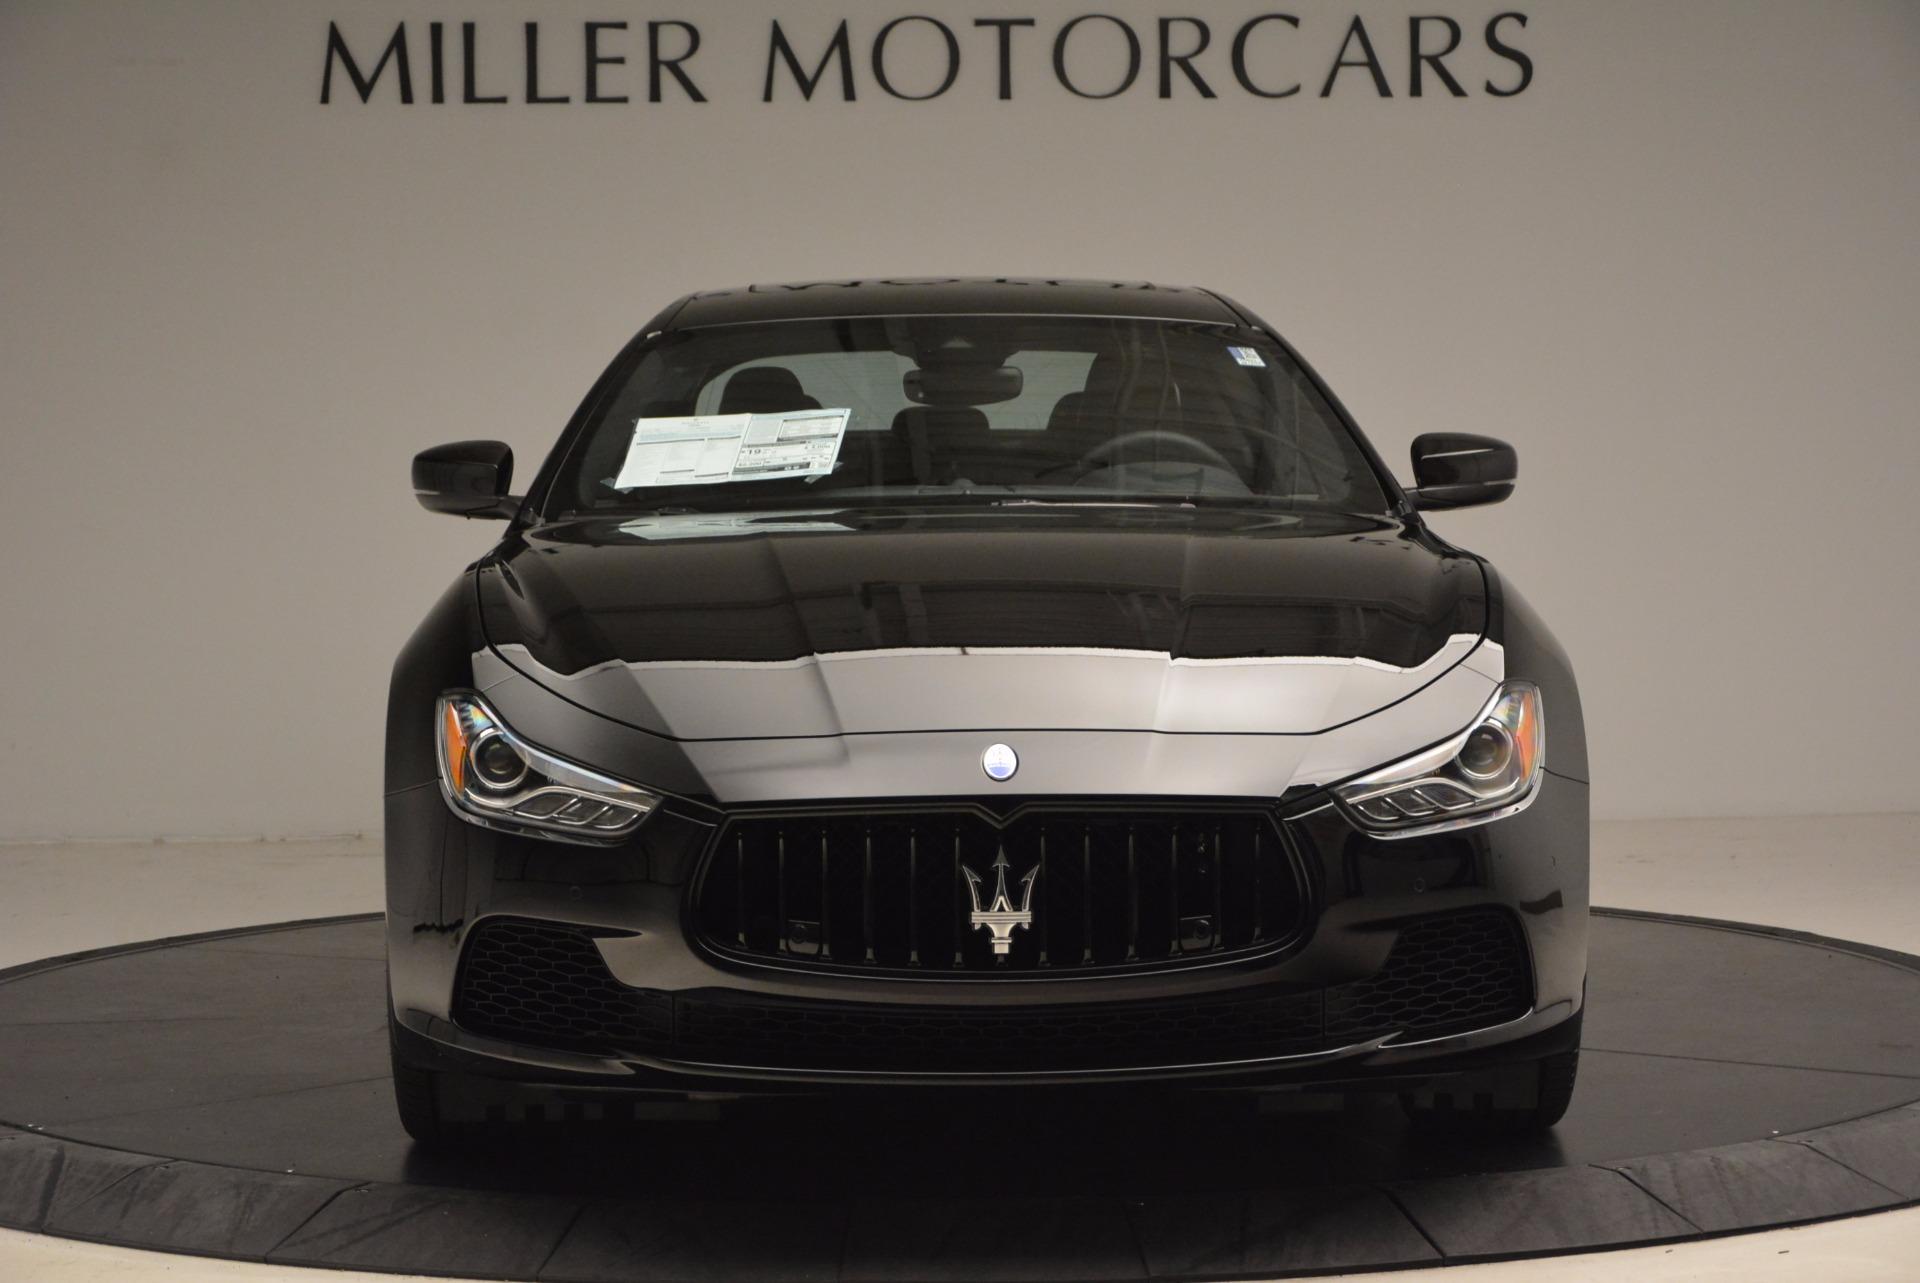 New 2017 Maserati Ghibli Nerissimo Edition S Q4 For Sale In Greenwich, CT 1419_p12